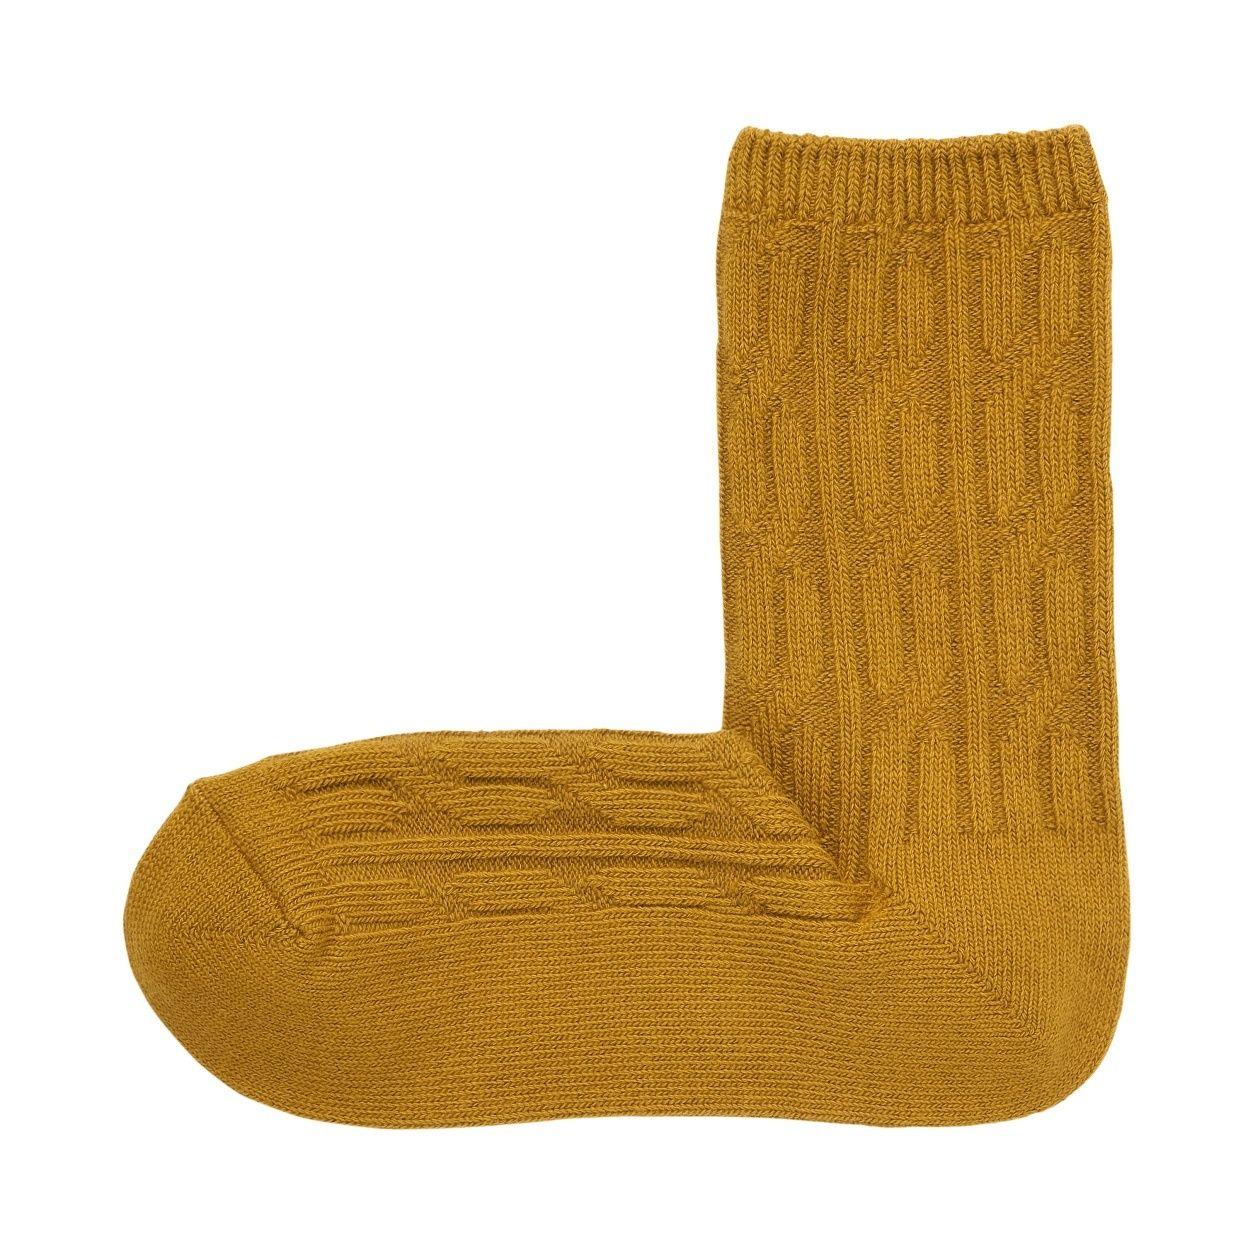 足なり直角 ケーブル編み 靴下(婦人・えらべる)